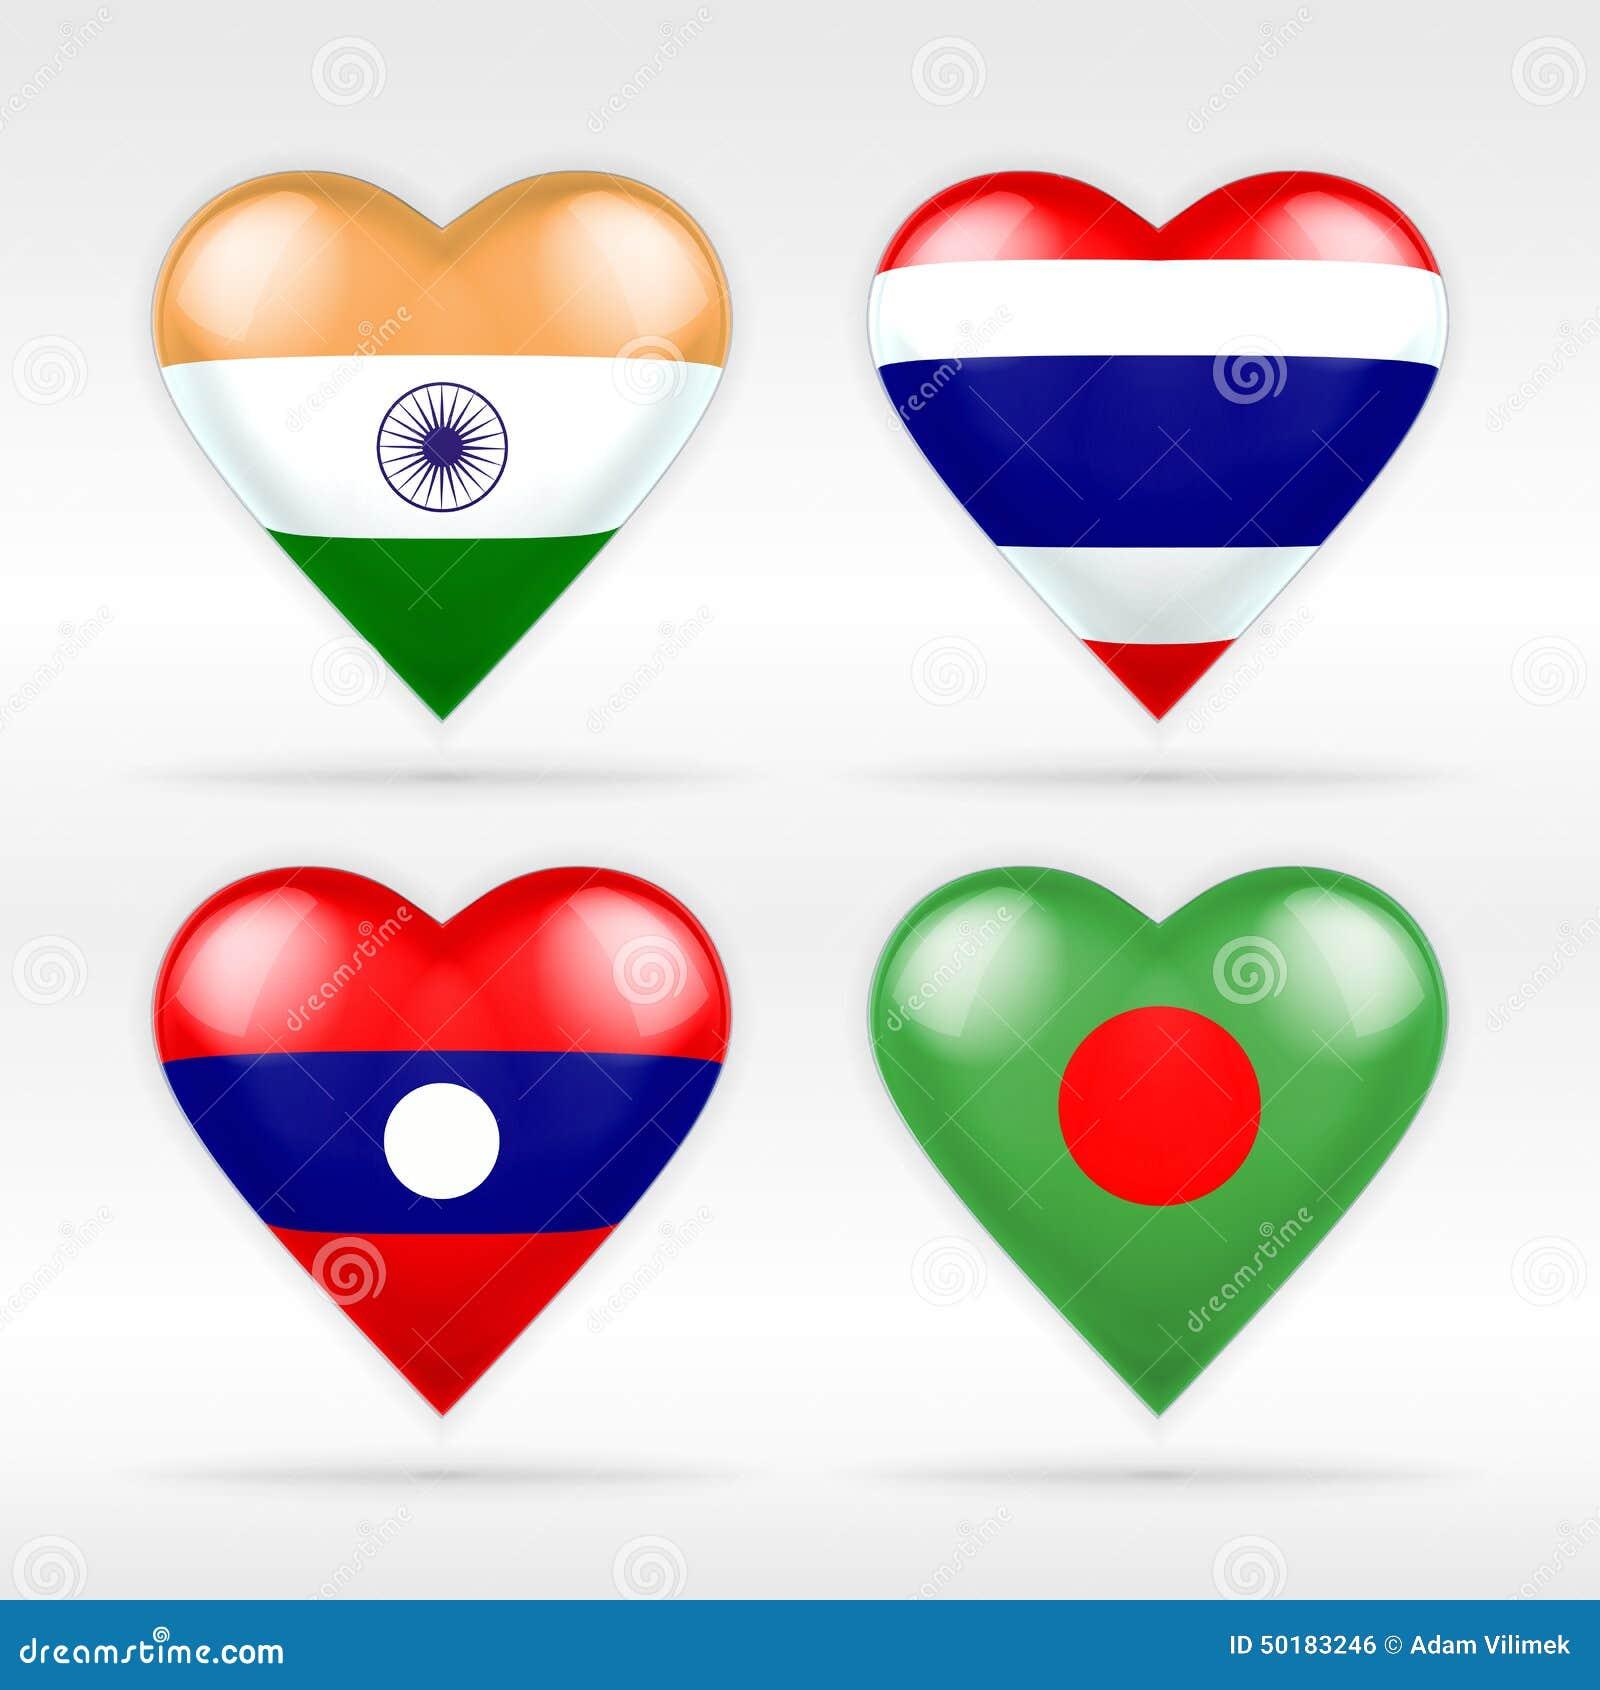 Sistema de la bandera del corazón de la India, de Tailandia, de Laos y de Bangladesh de estados asiáticos